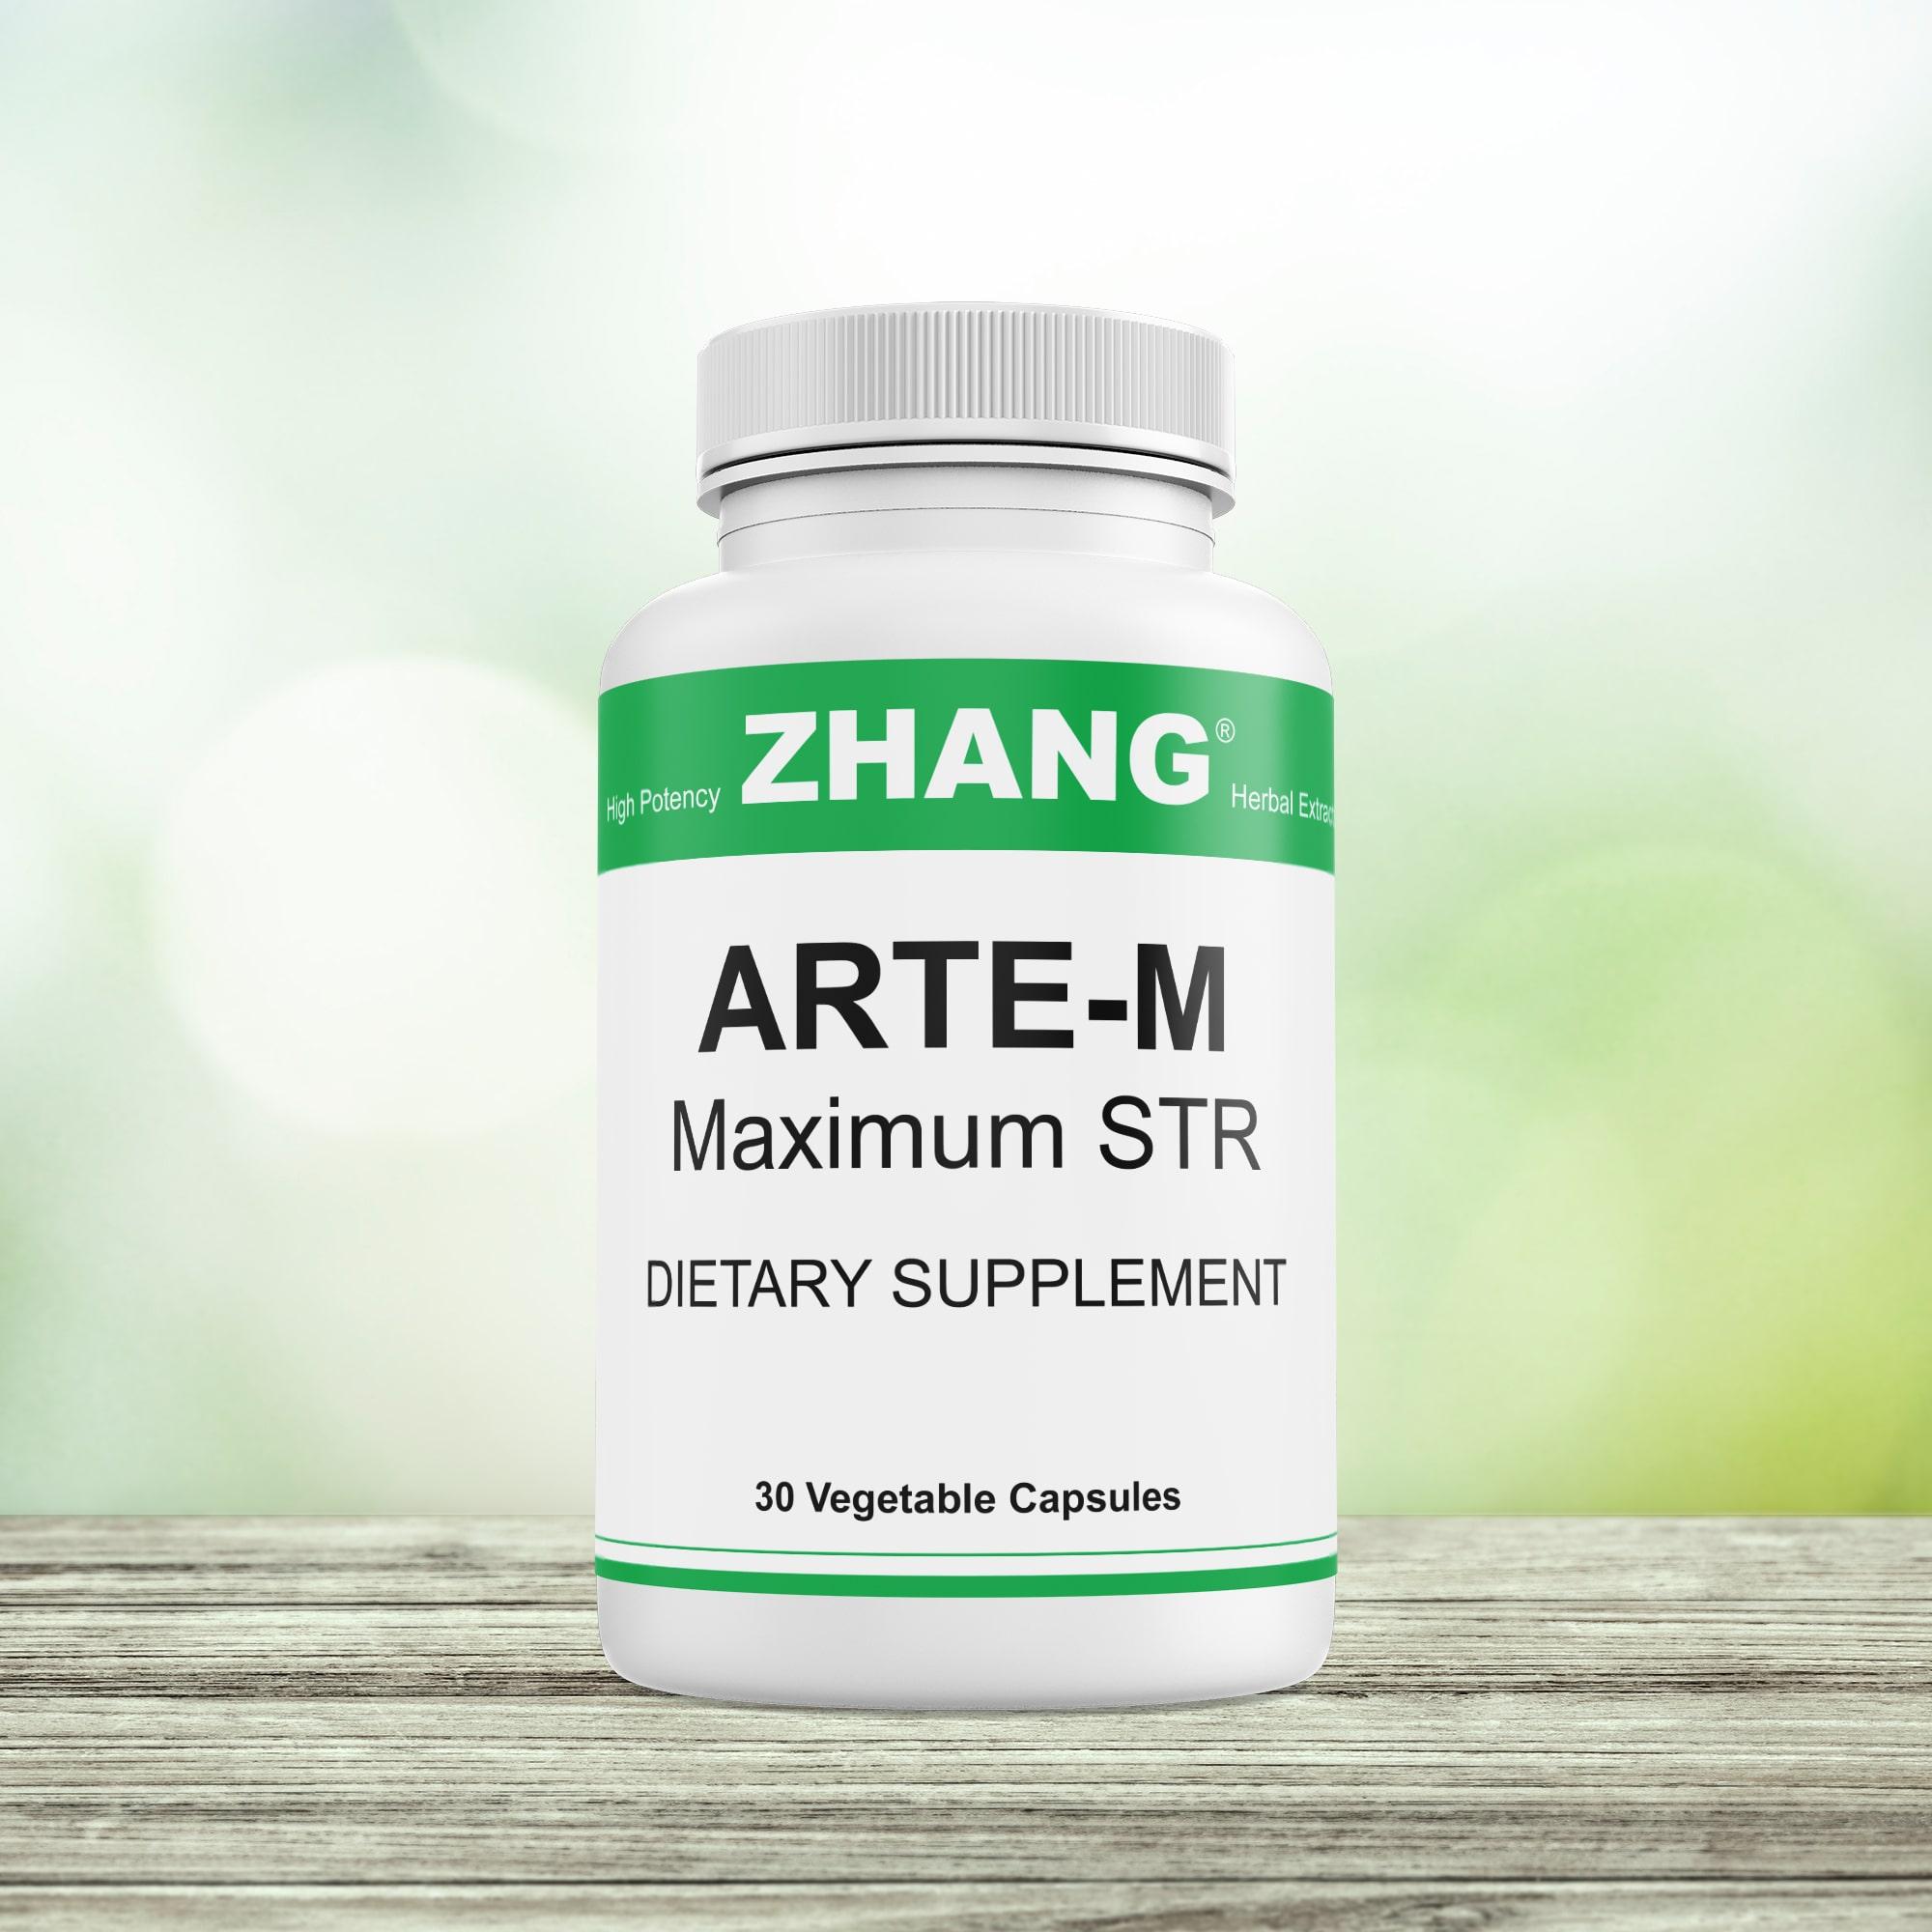 ARTE-M Bottle